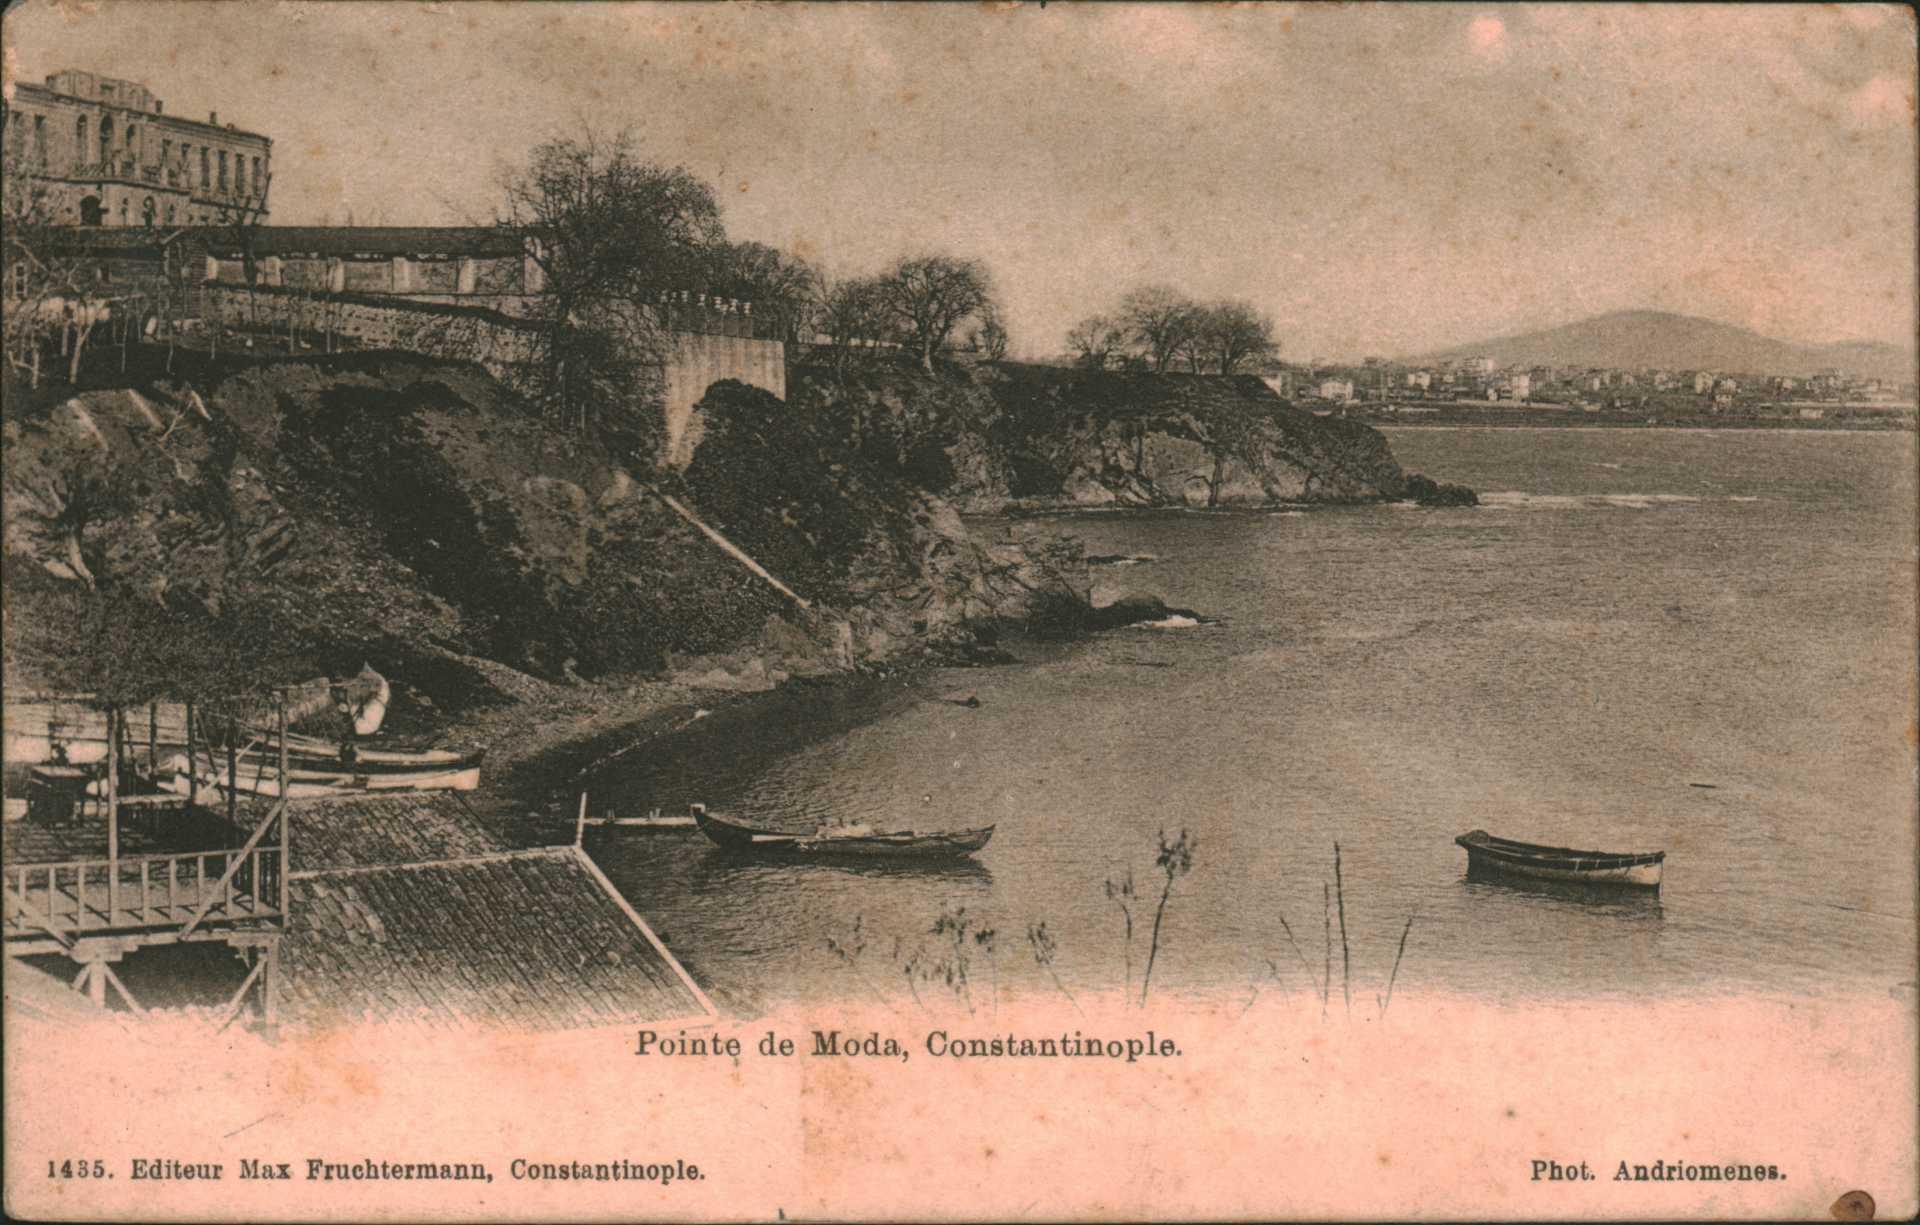 Pointe de Moda  Constantinople